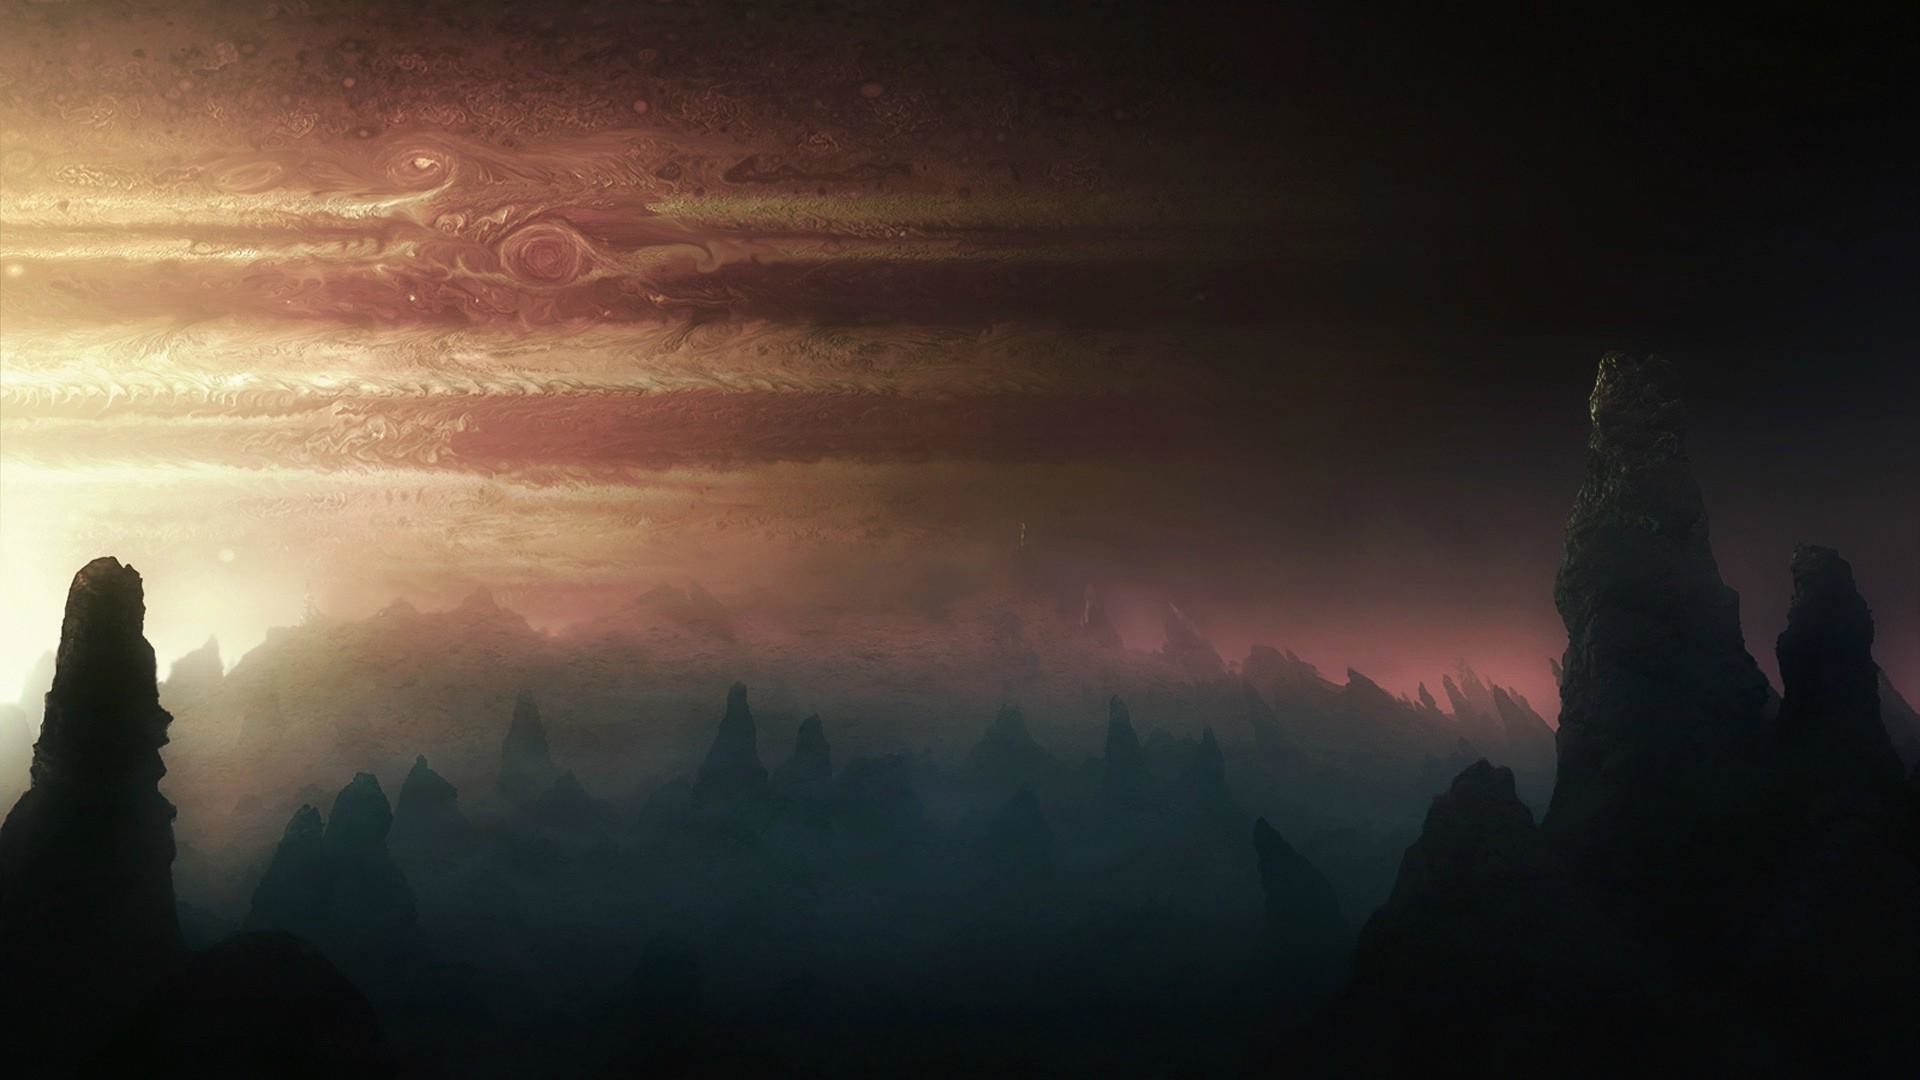 wallpaper.wiki-Full-HD-Alien-Planet-Wallpaper-PIC-